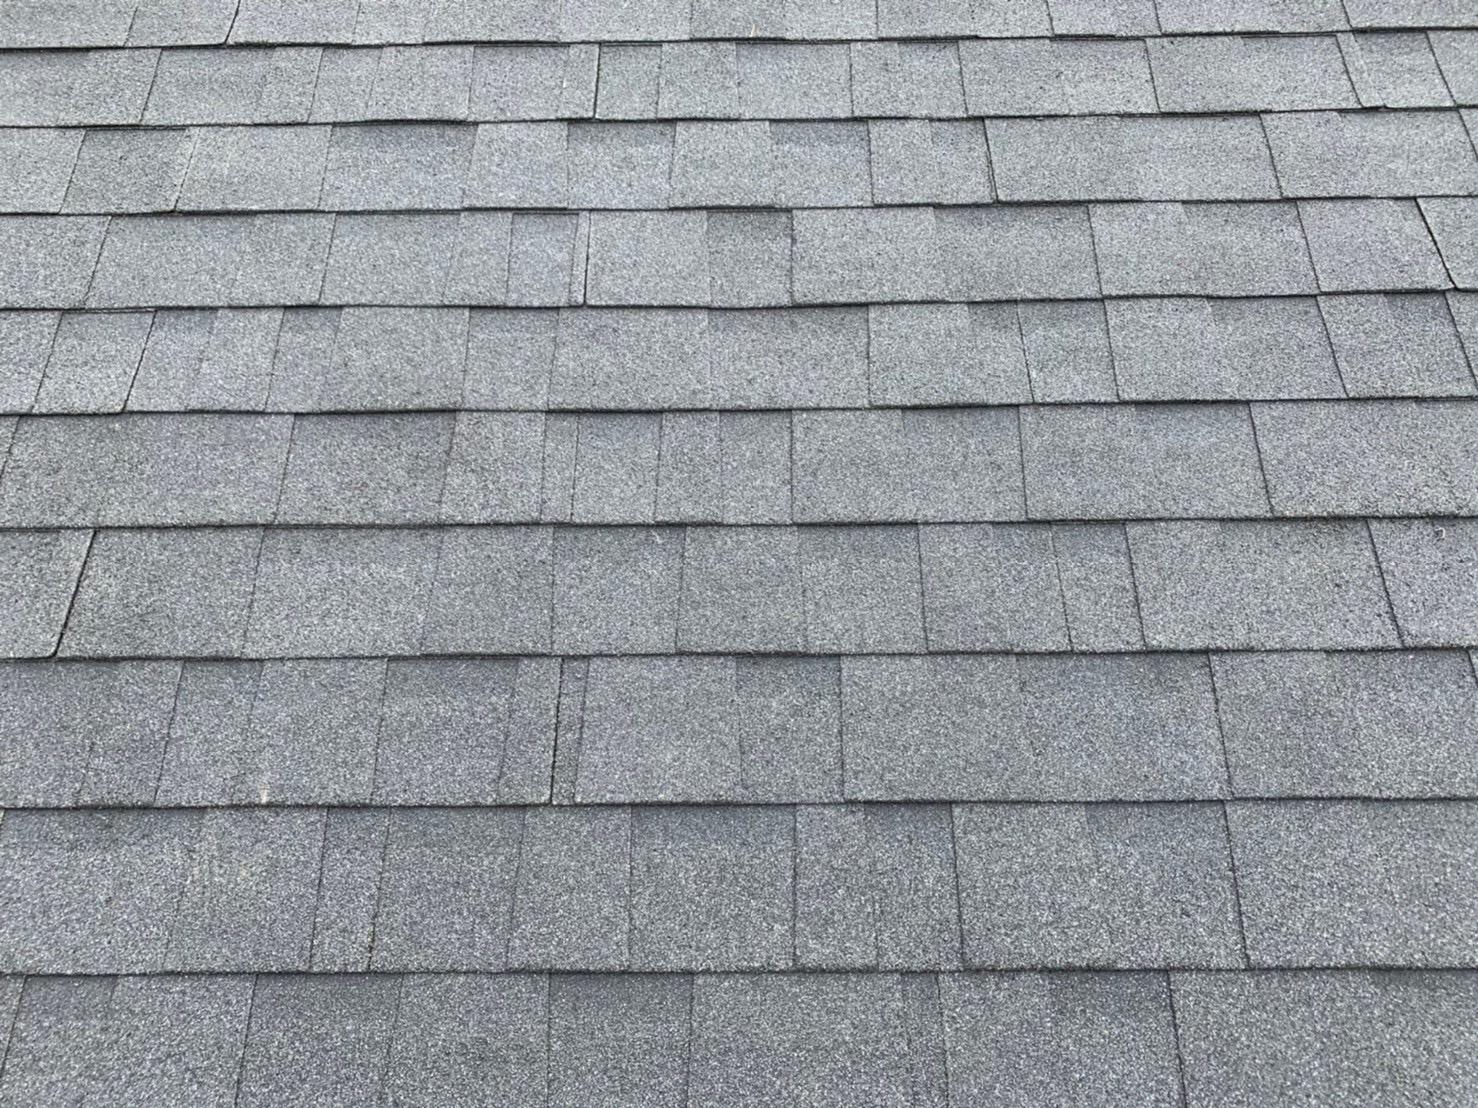 【東京都目黒区】パミールからオークリッジスーパーへ、屋根葺き替え工事の事例11